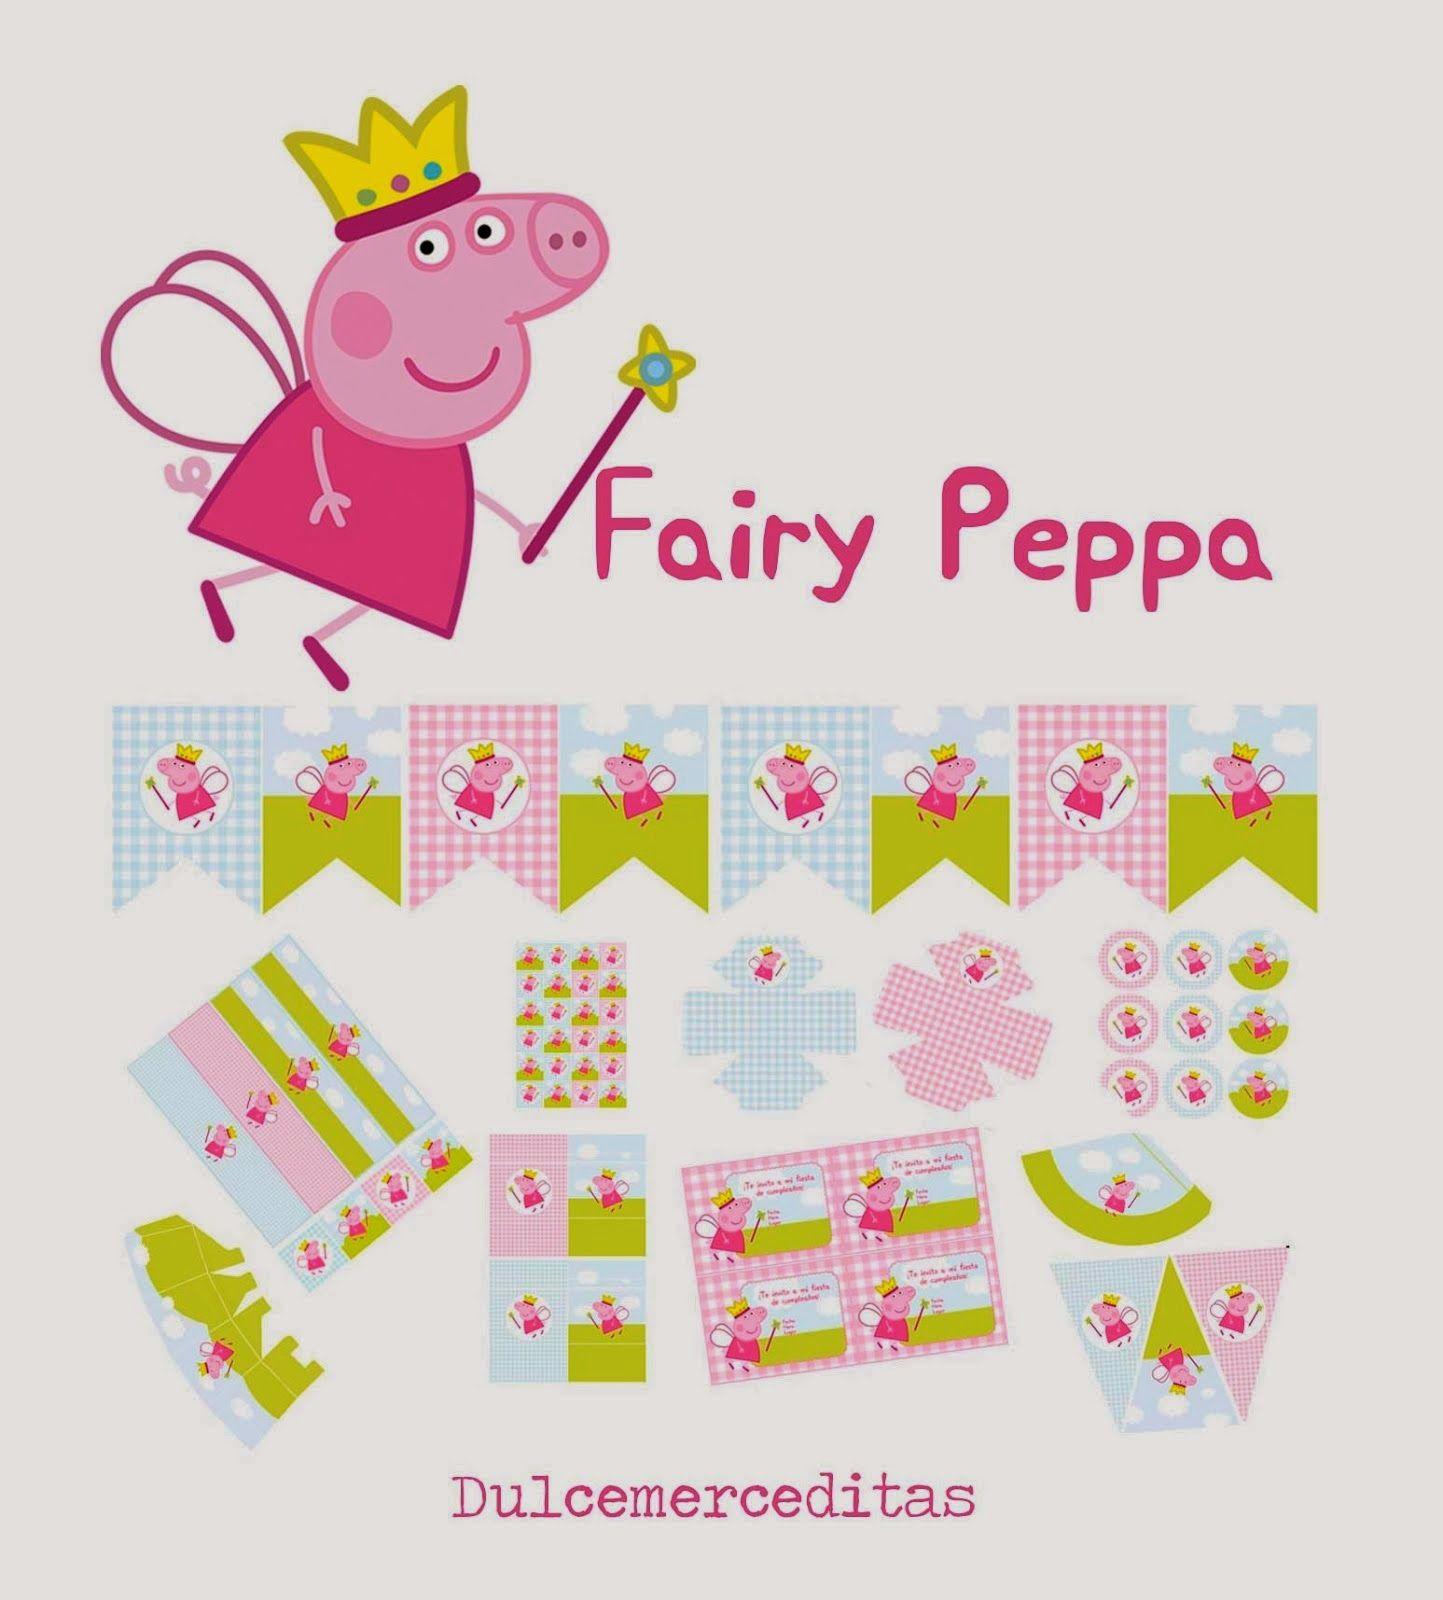 Convite de Aniversário Peppa Pig amigas da peppa e fada